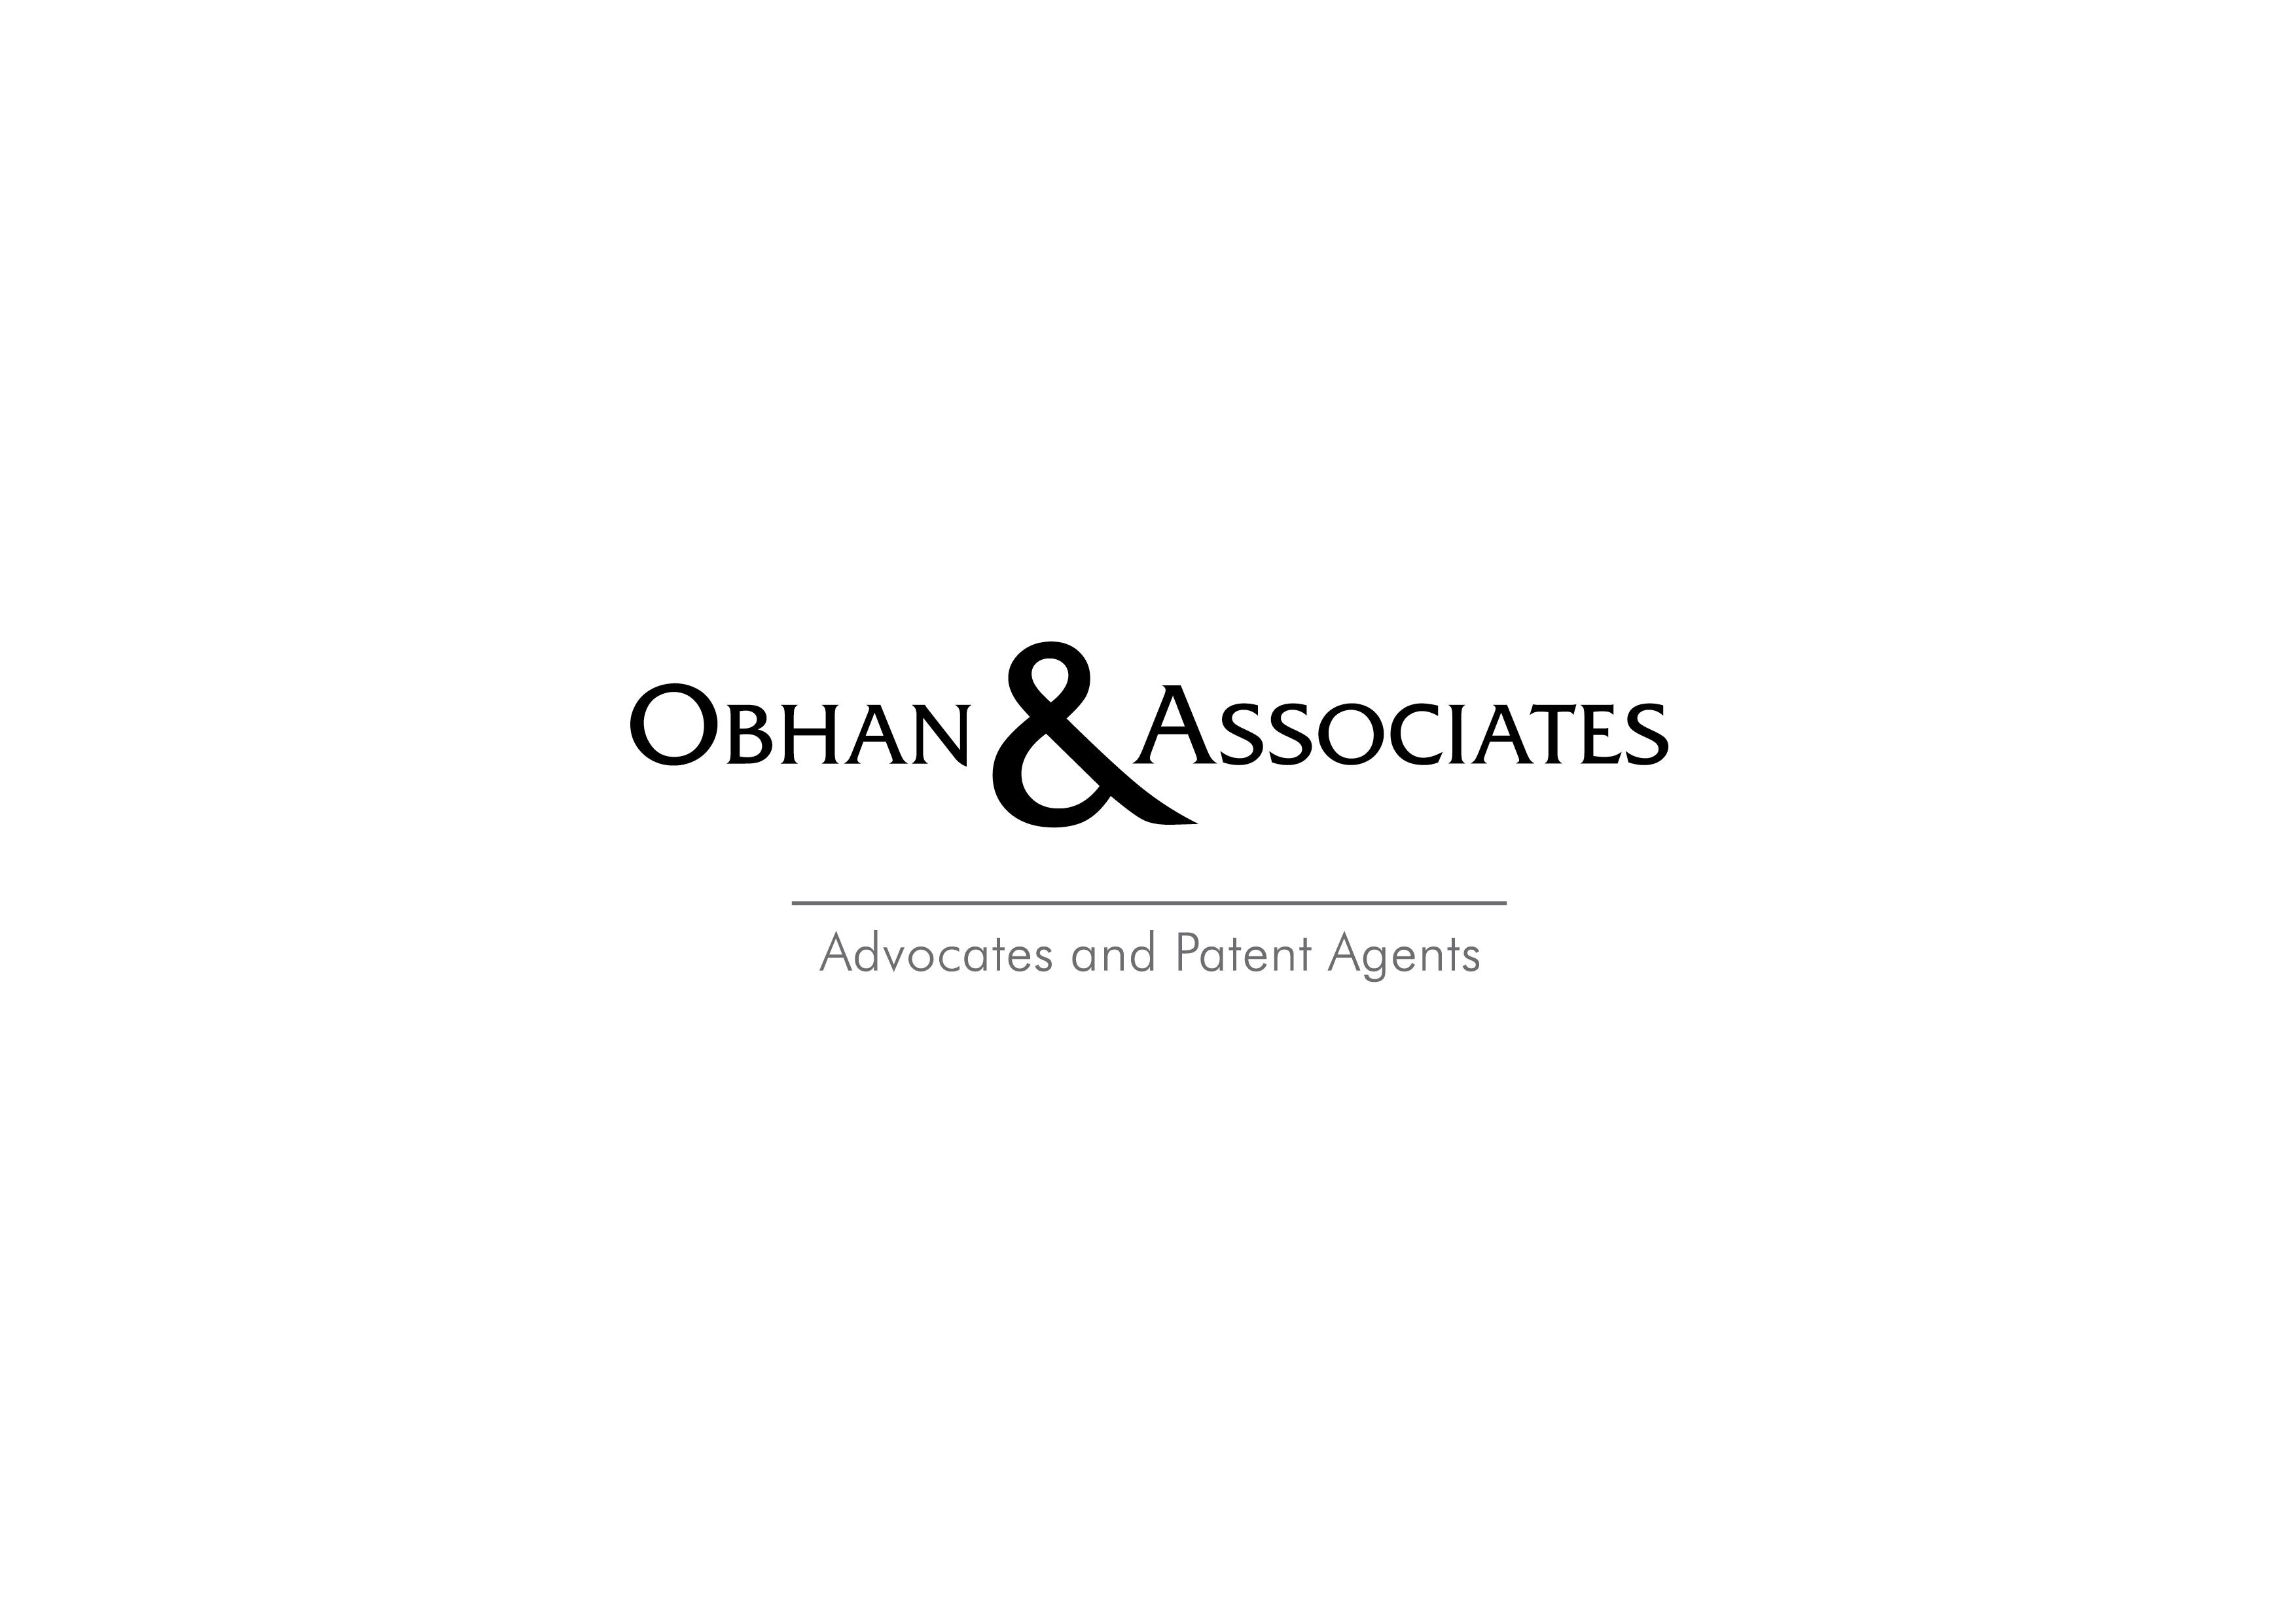 Obhan & Associates